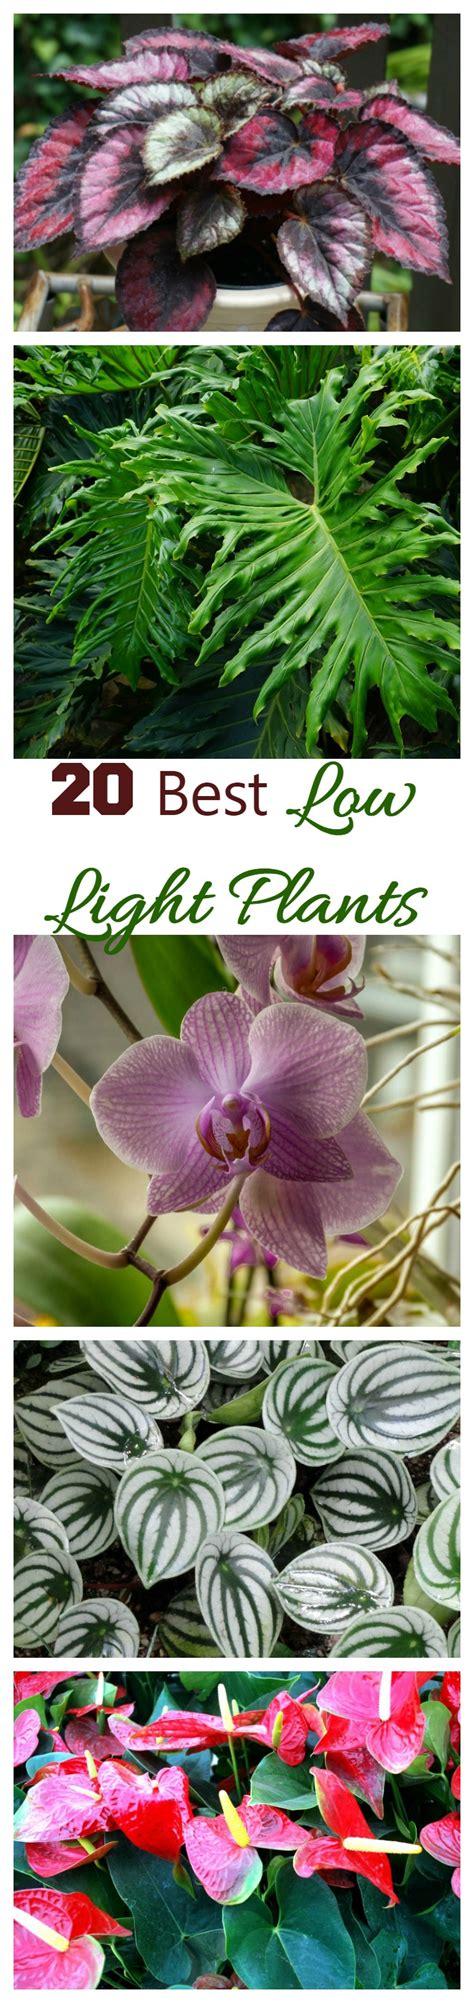 best plants to grow indoors in low light low light indoor plants my 20 favorite house plants